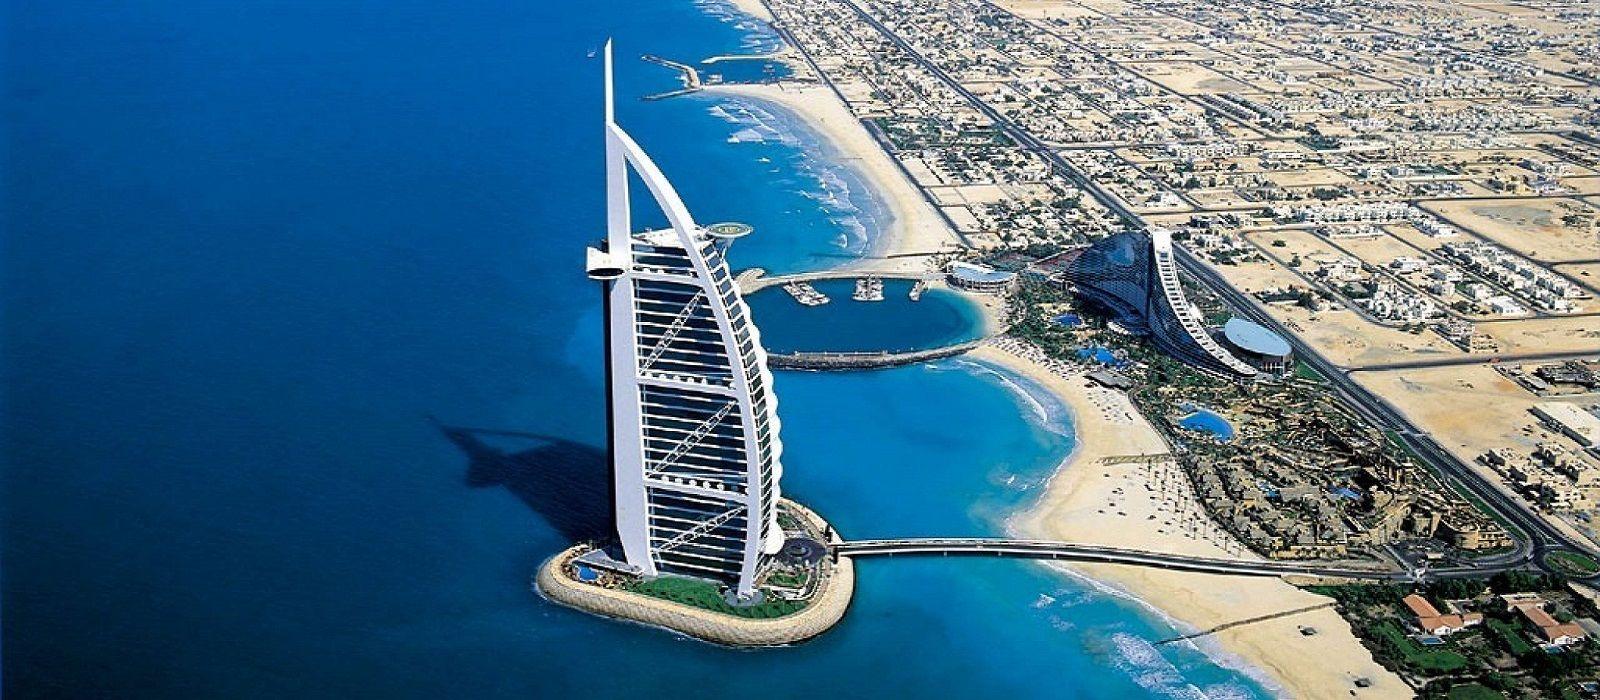 Surreal Sands: Dubai & Maldives Tour Trip 3